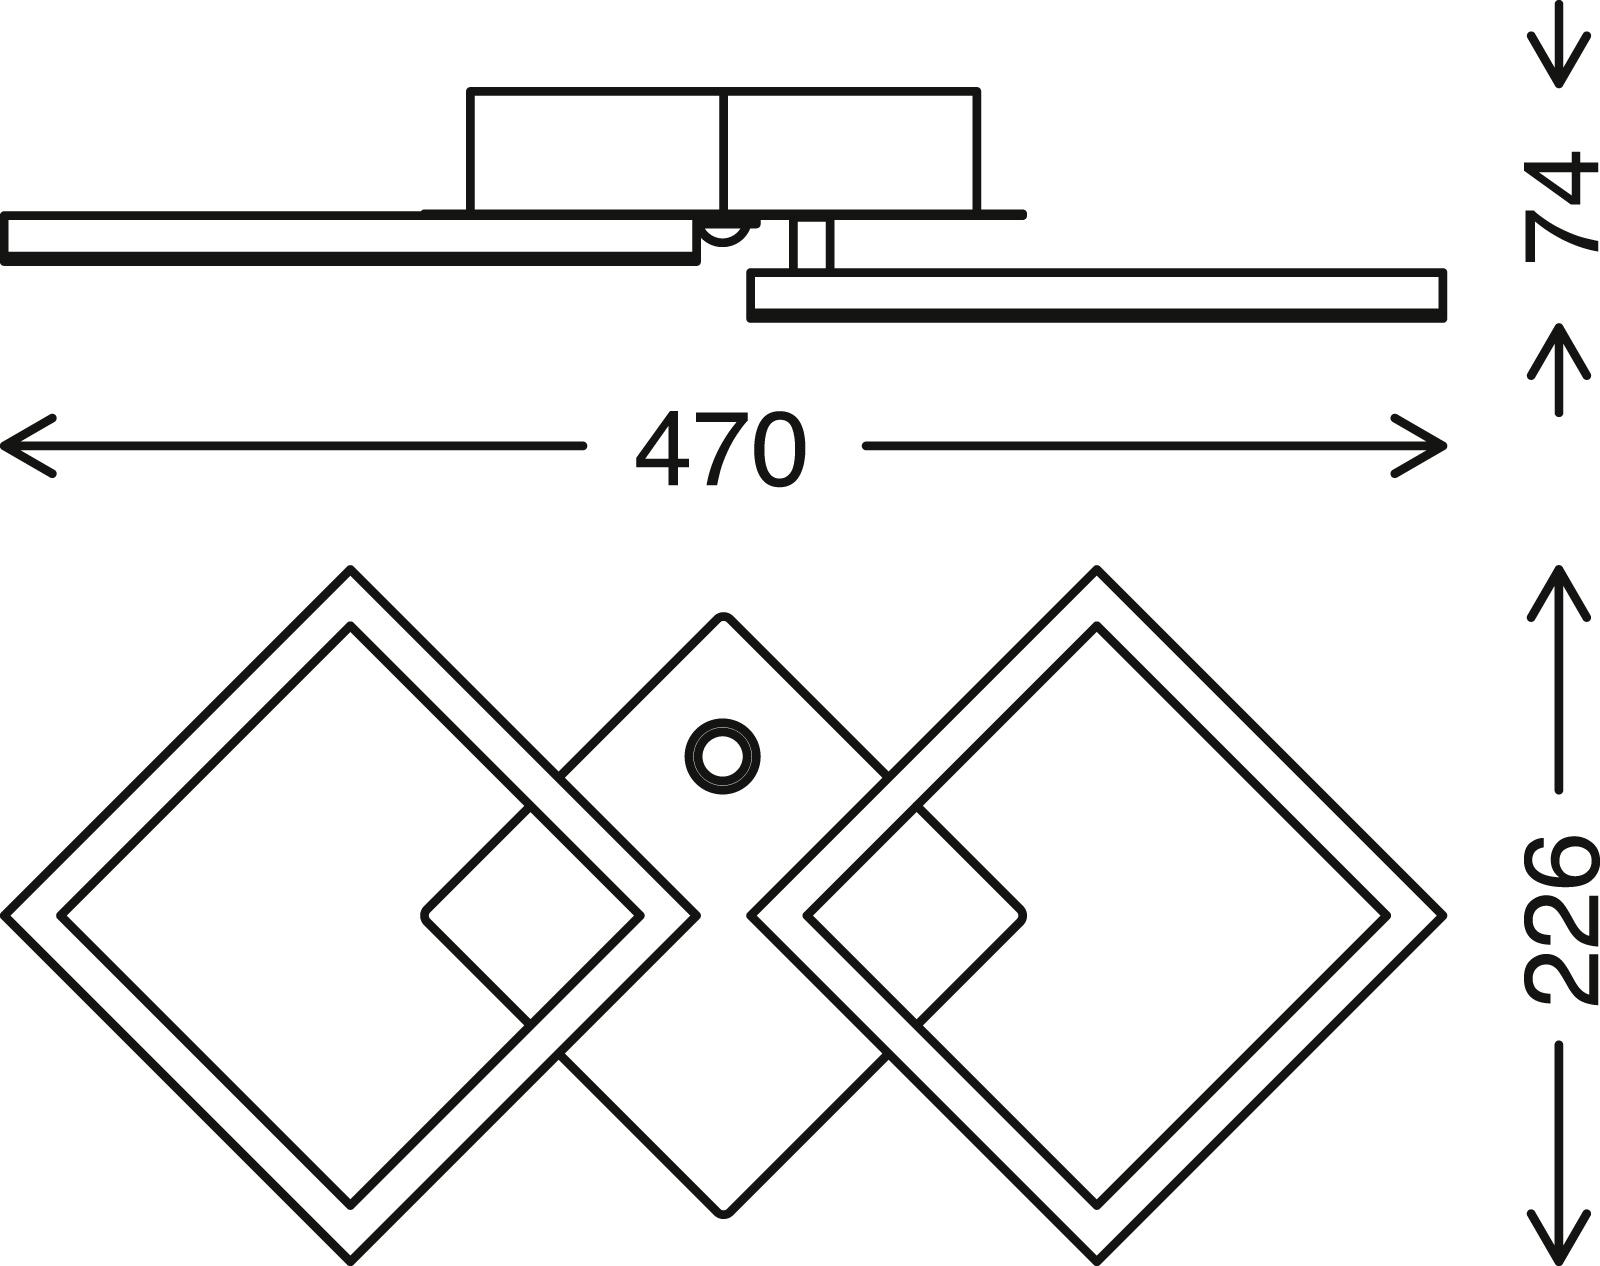 TELEFUNKEN Sensor LED Deckenleuchte, 47 cm, 12 W, Chrom-Alu